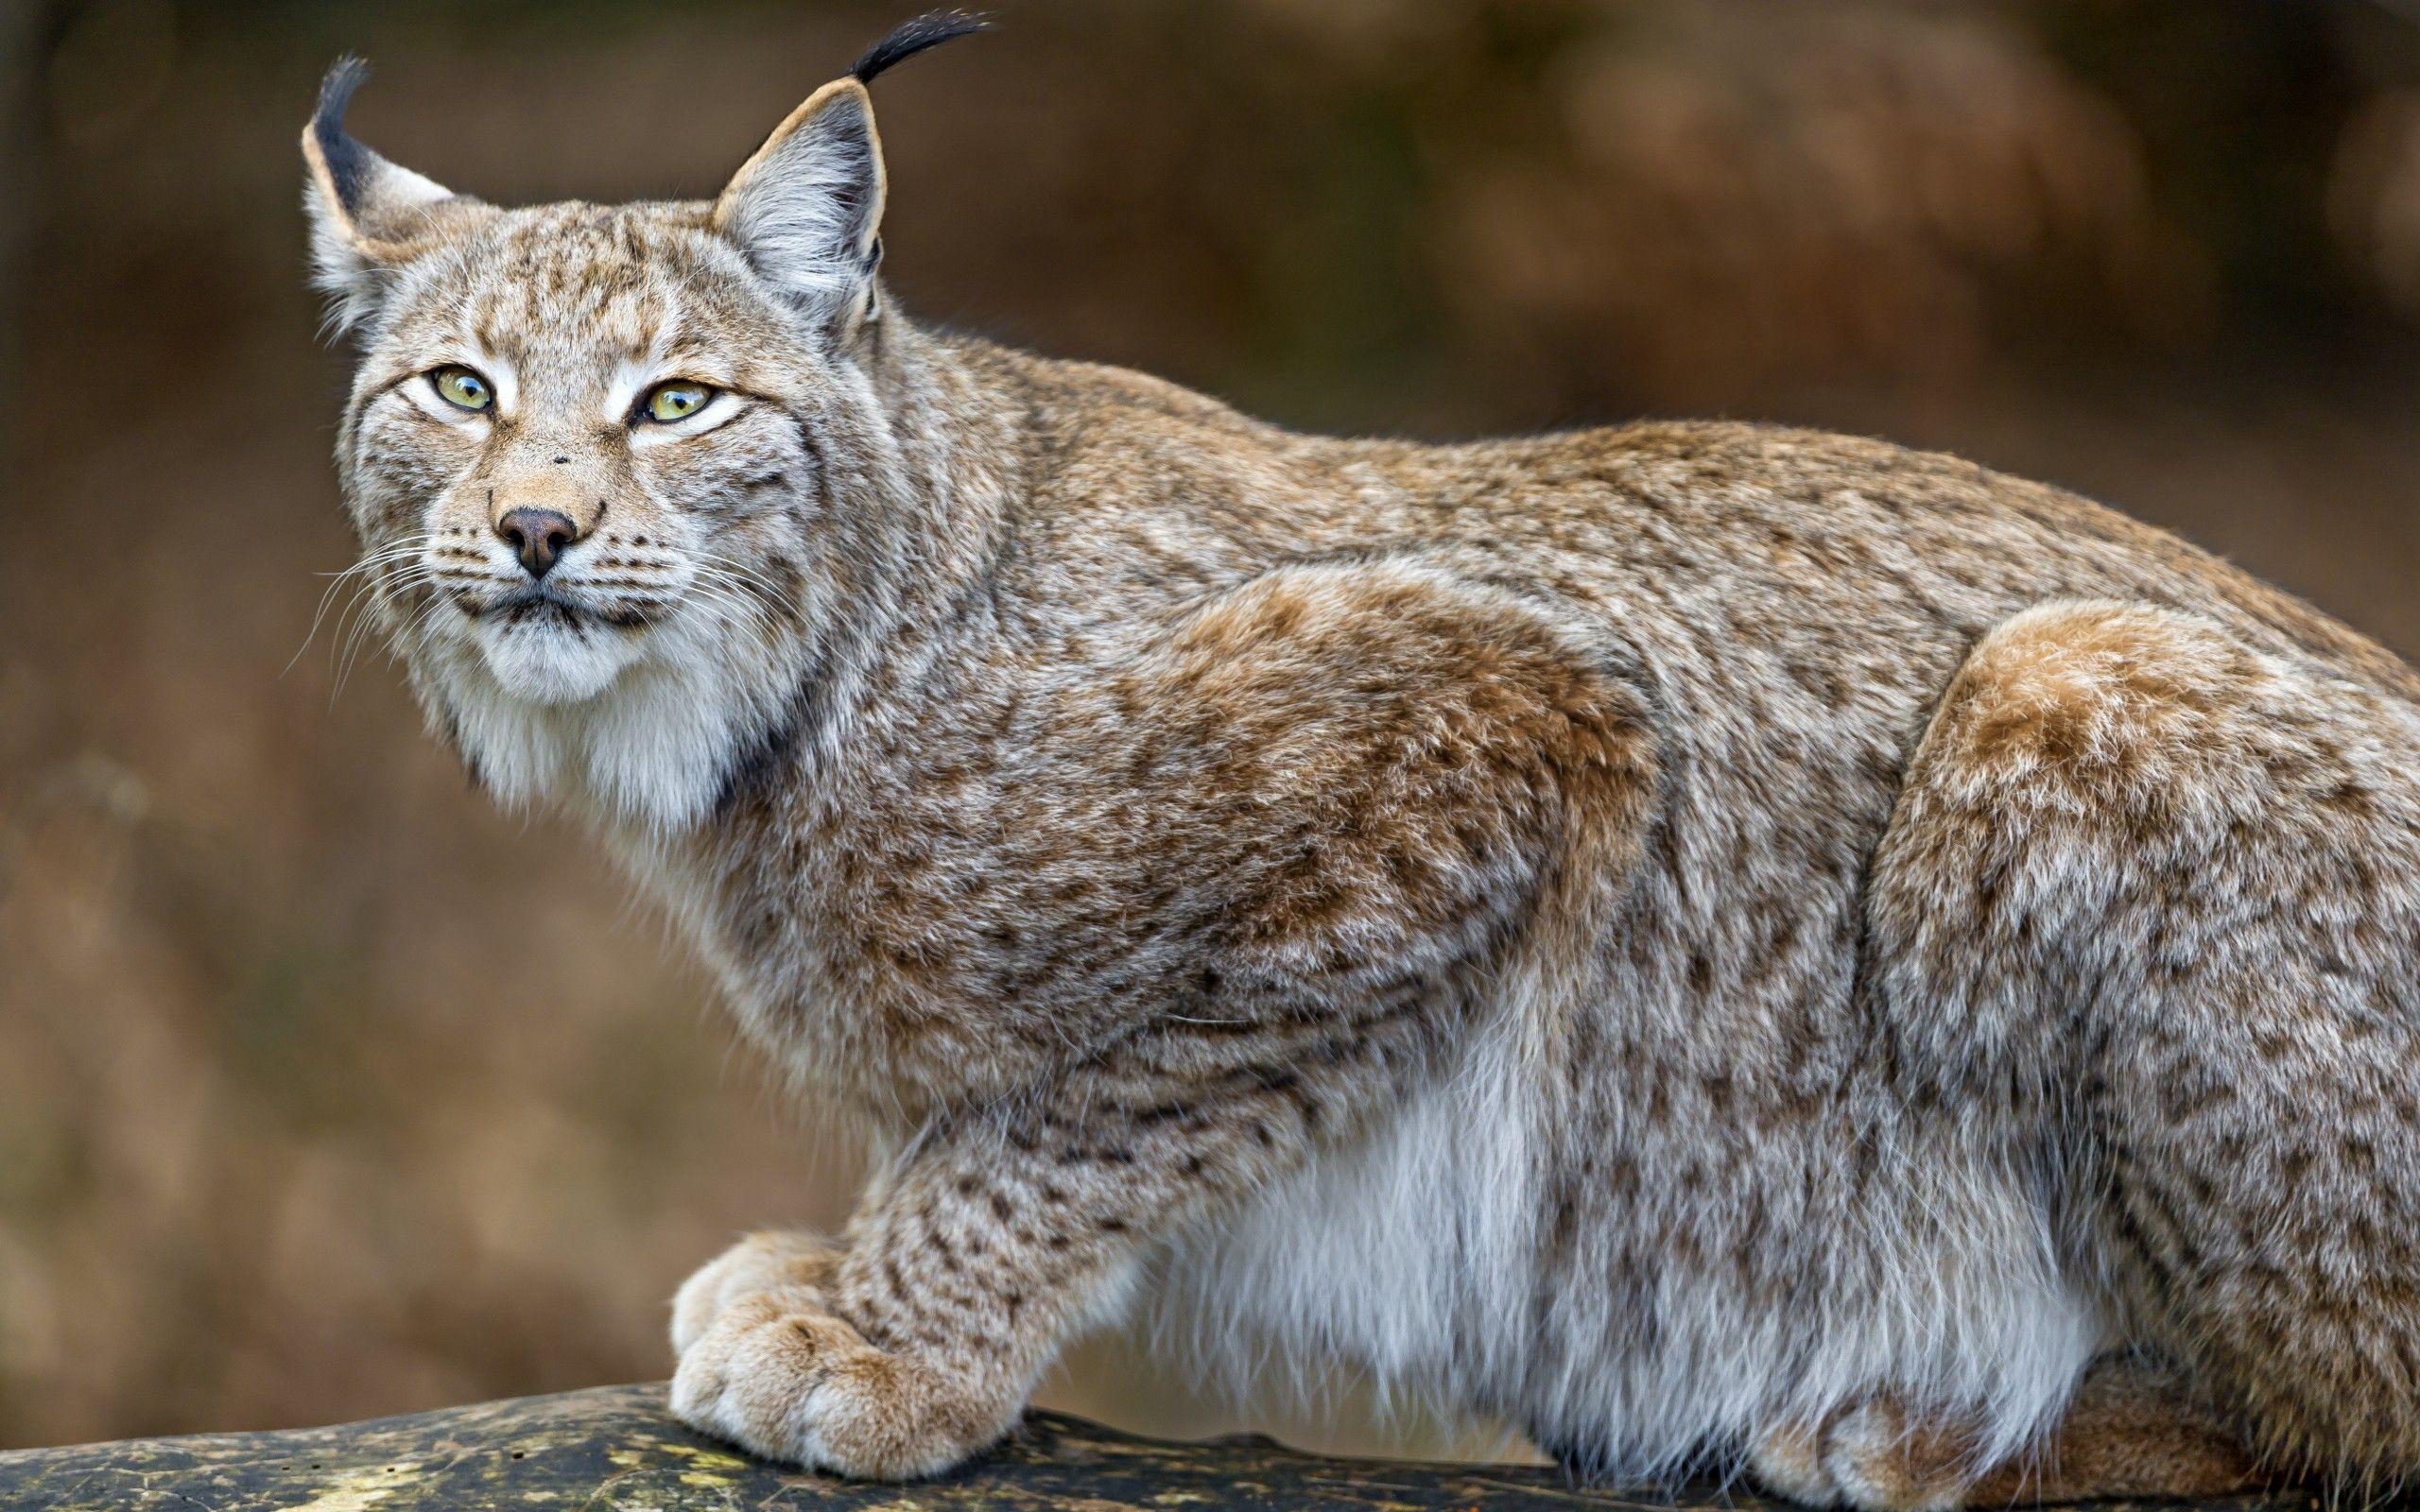 Lynx getting ready to jump HD desktop wallpaper : Widescreen : High Definition : Fullscreen